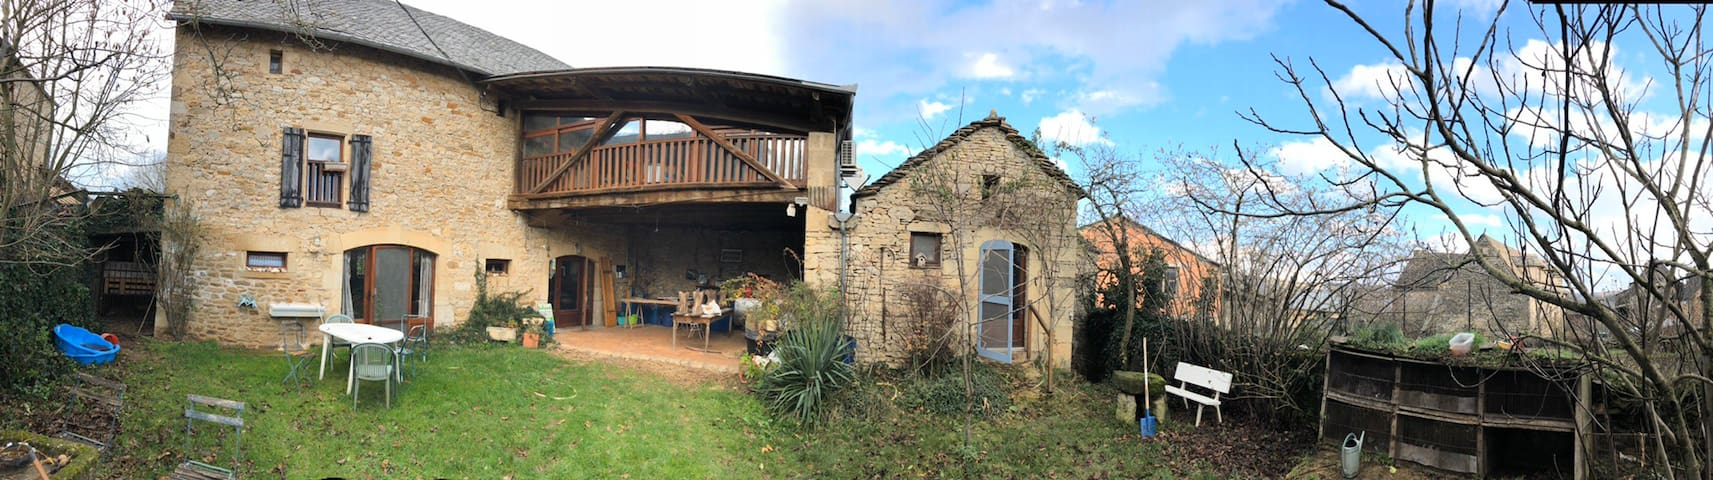 Het ideale vertrekpunt voor wandelen in Occitanie